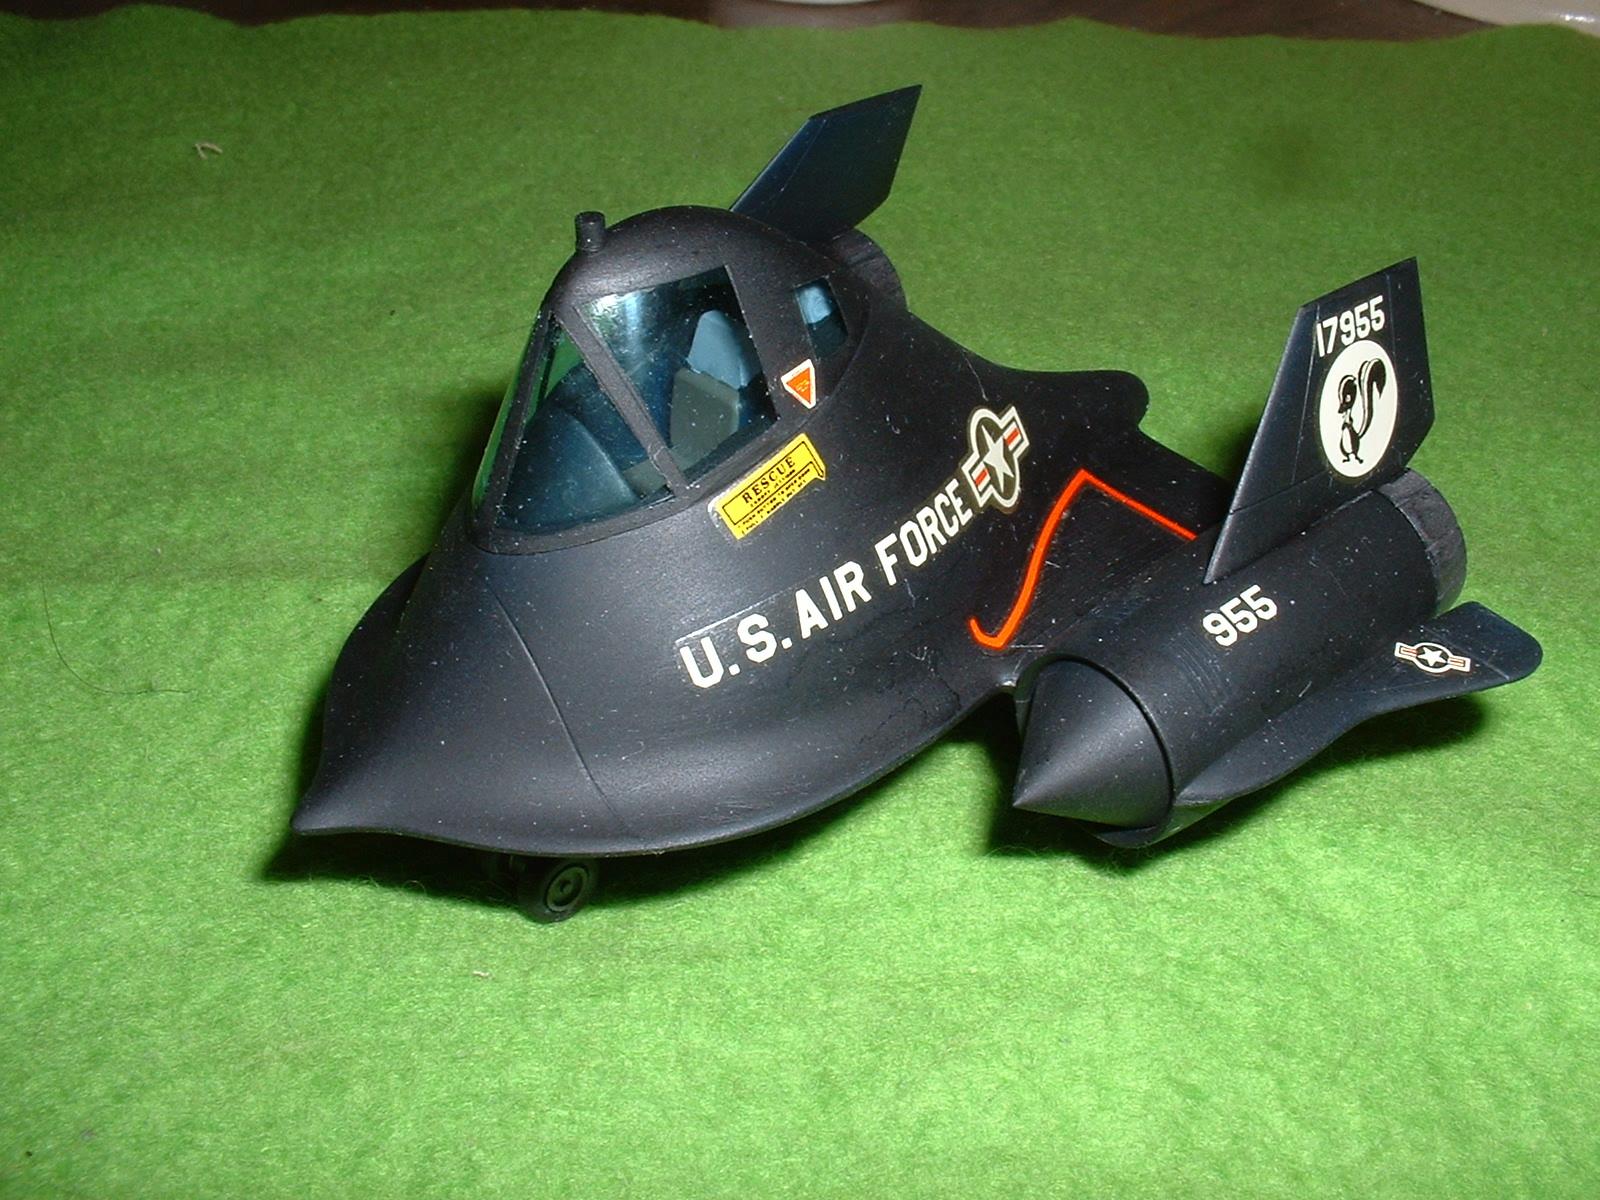 2013年09月21日 長谷川 たまご飛行機 SR-71 本体完成1Doburoku-TAO.JPG